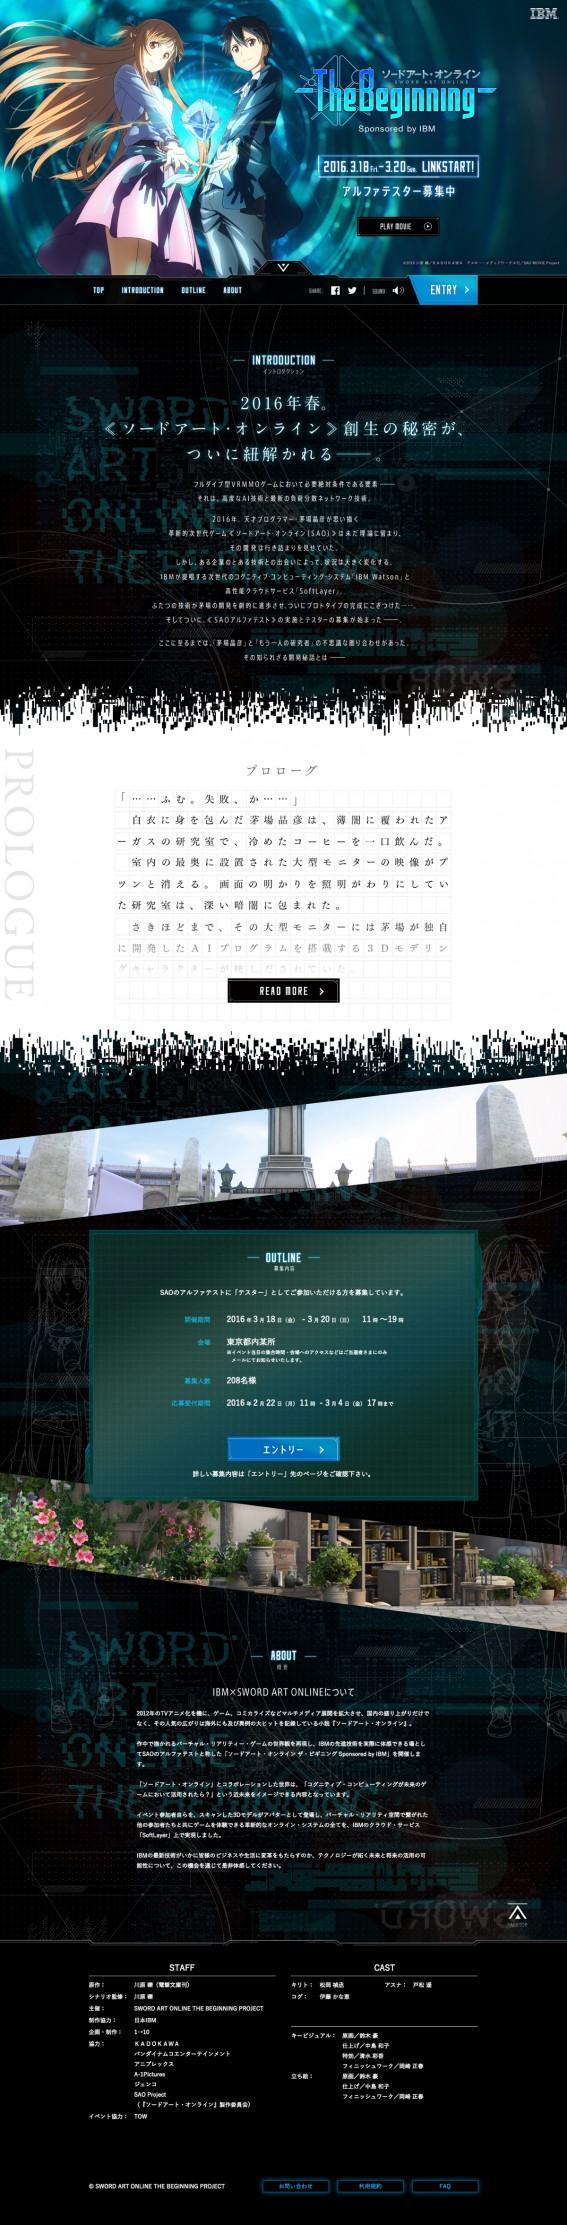 ソードアート・オンライン ザ・ビギニング Sponsored by IBM